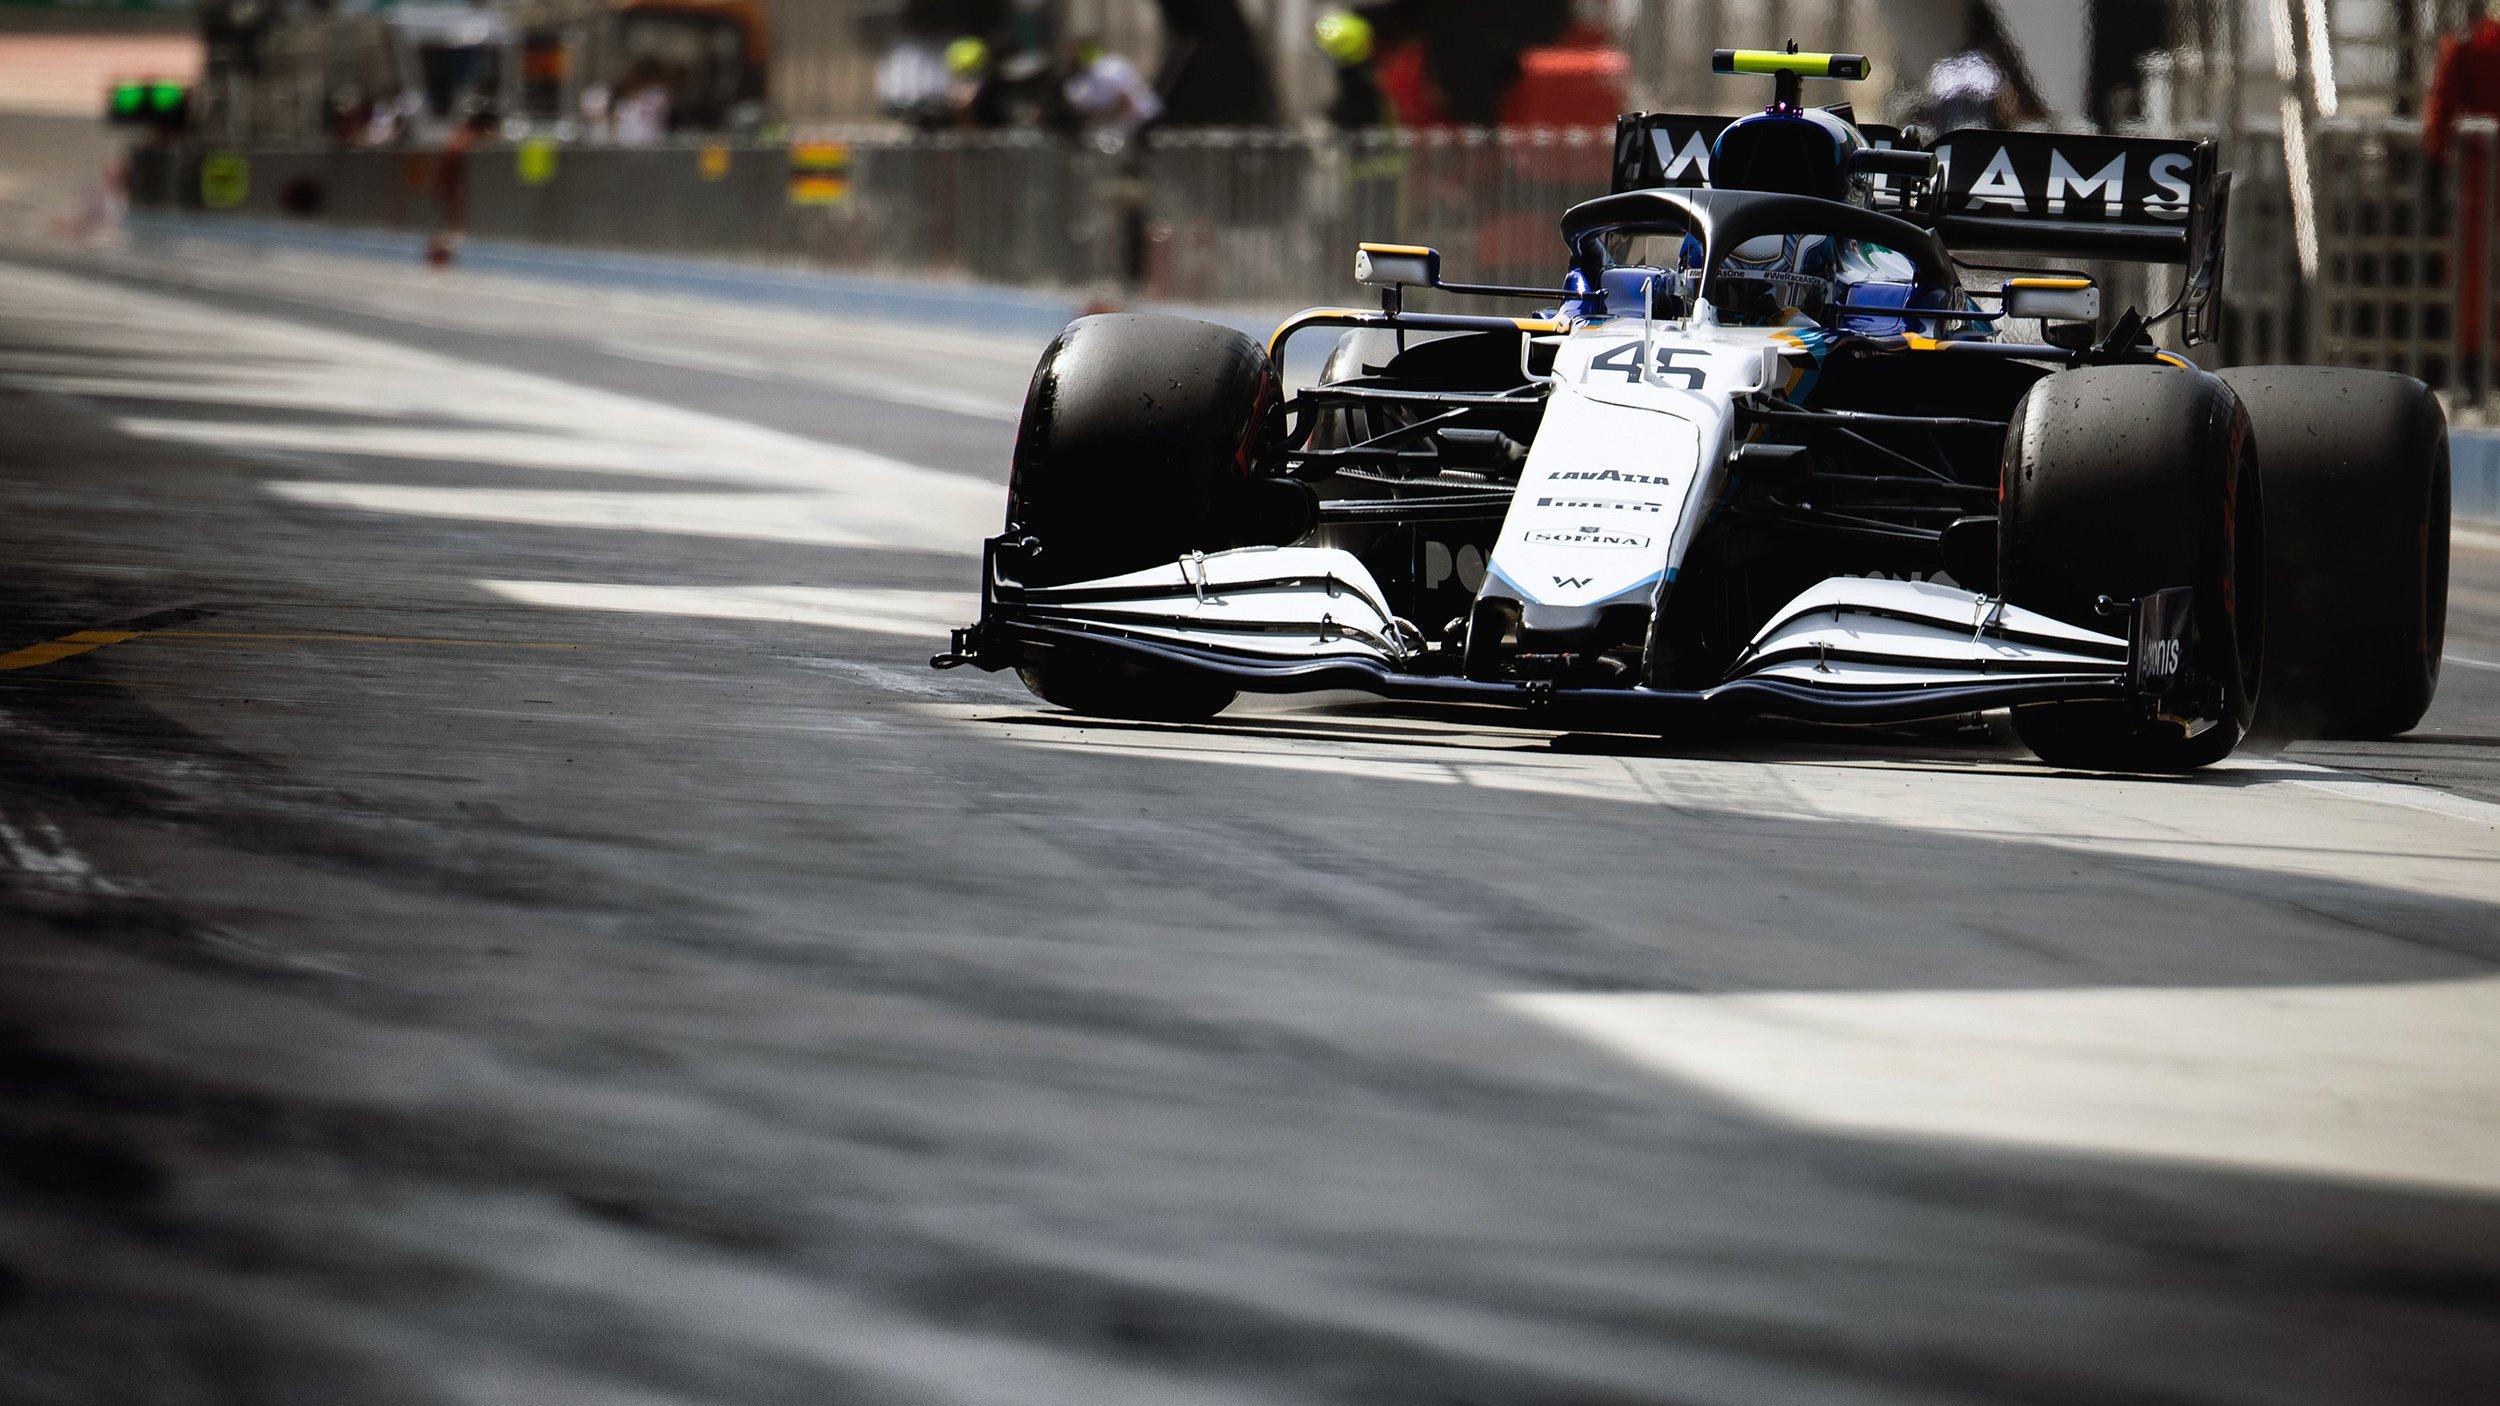 F1 - LIVE : essais hivernaux de Bahreïn - jour 1 [séance terminée]